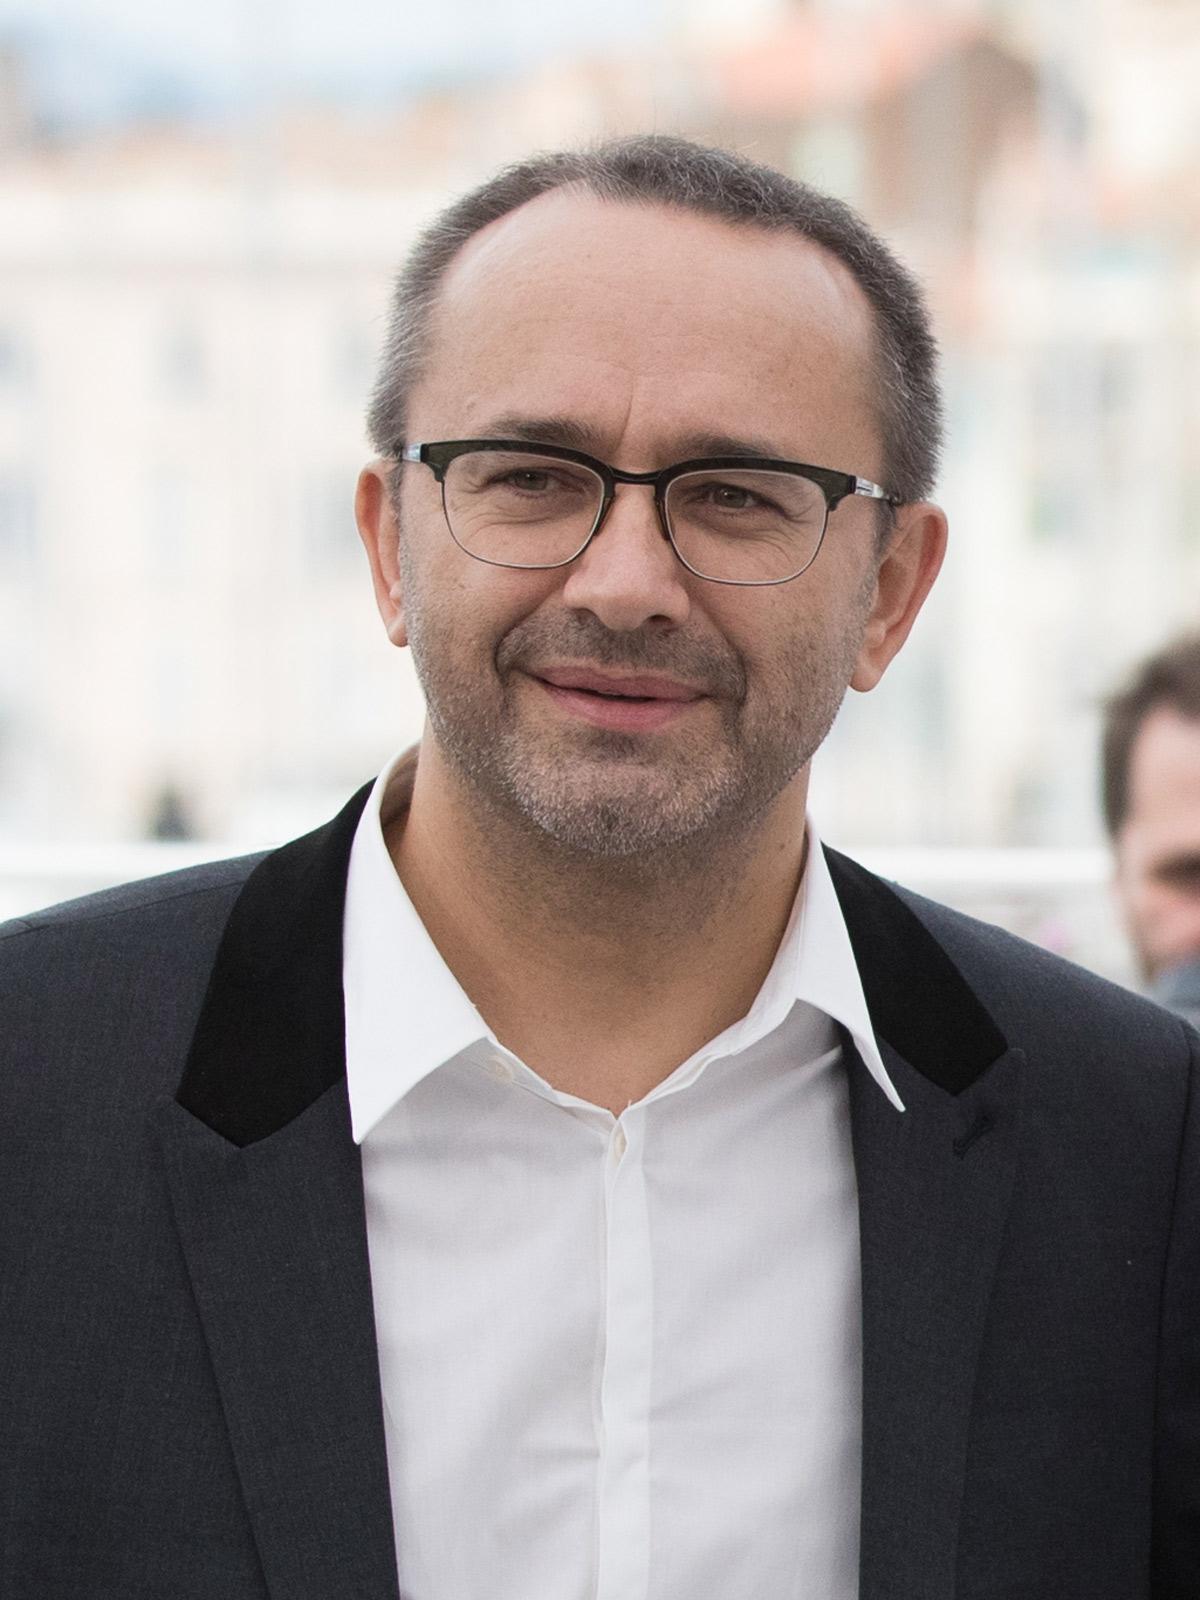 Andrei Zvjagintsev